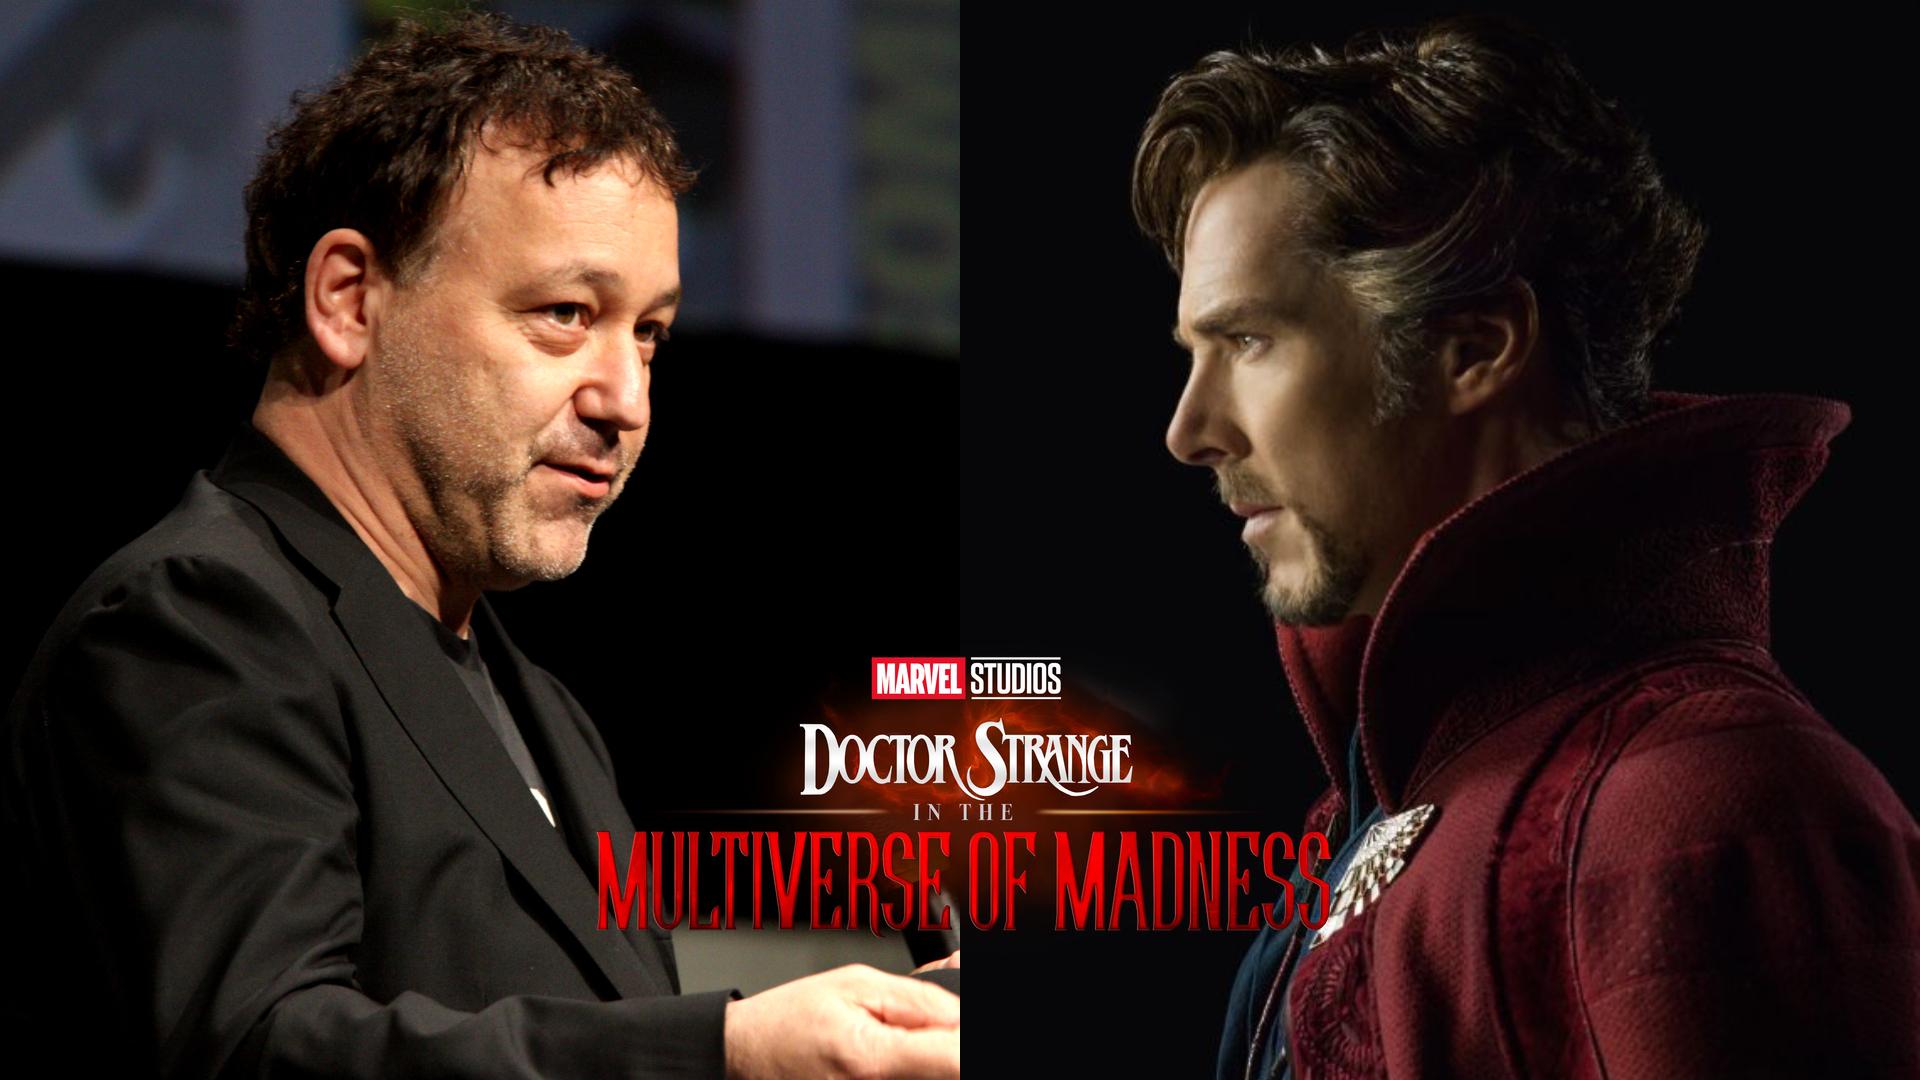 Benedict Cumberbatch Sam Raimi Doctor Strange 2 UCM Marvel